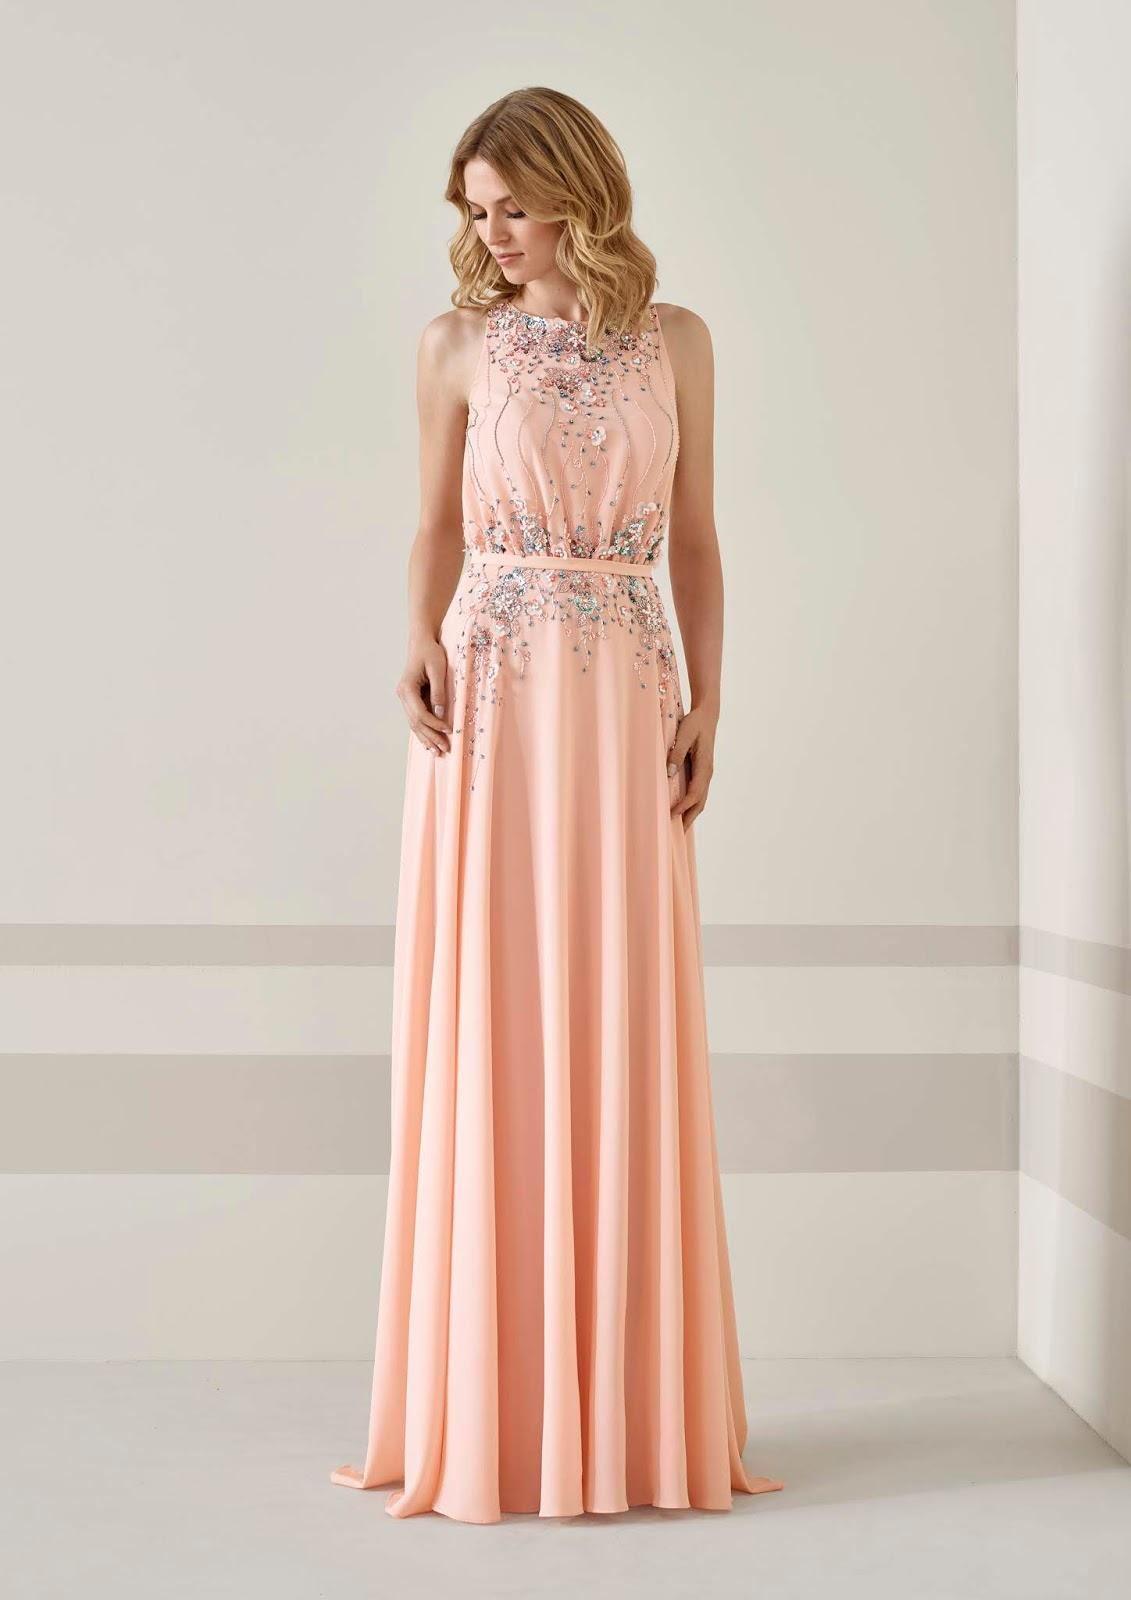 8cab6a338 La colección presenta una selección de vestidos de rosa empolvado con  opciones de diseños largos